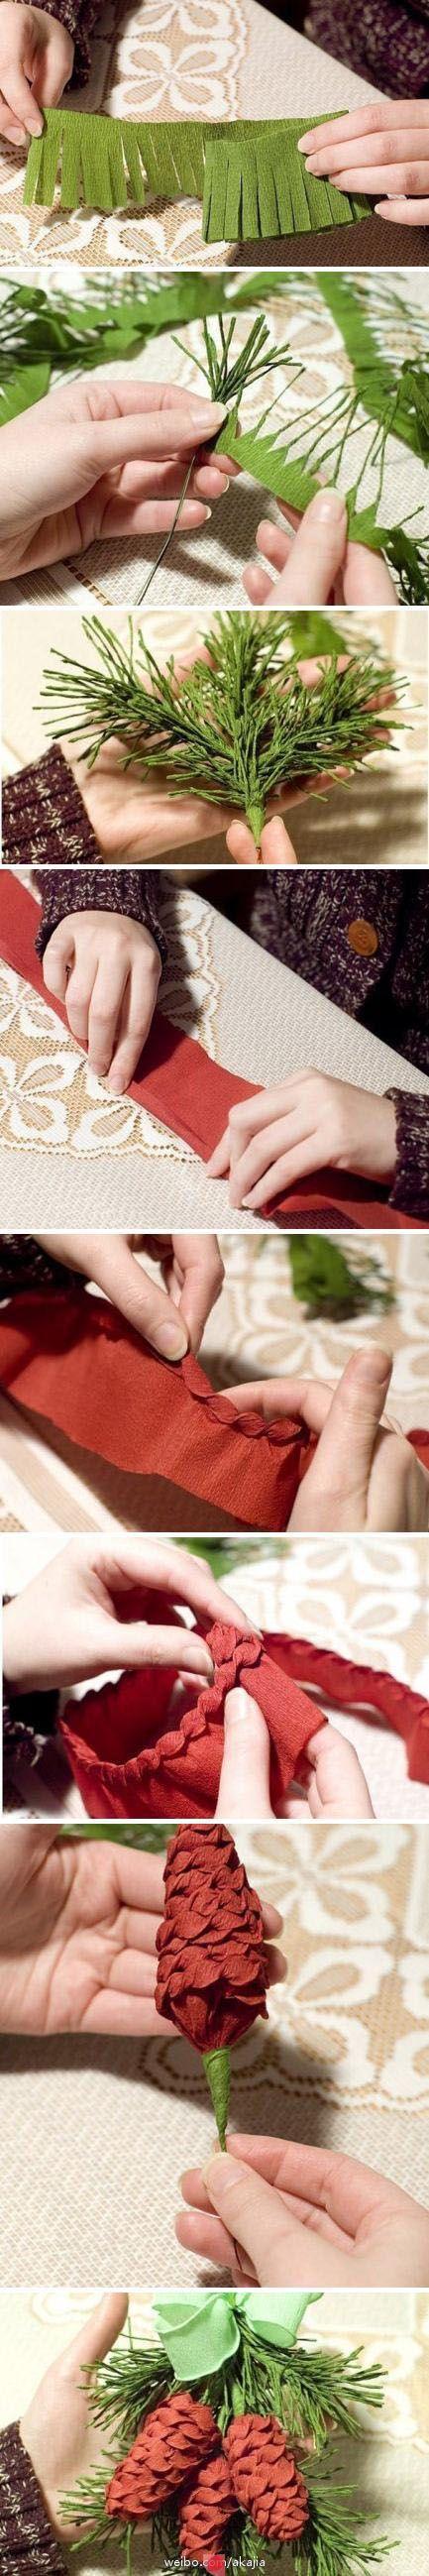 как сделать еловую ветку с шишками из бумаги